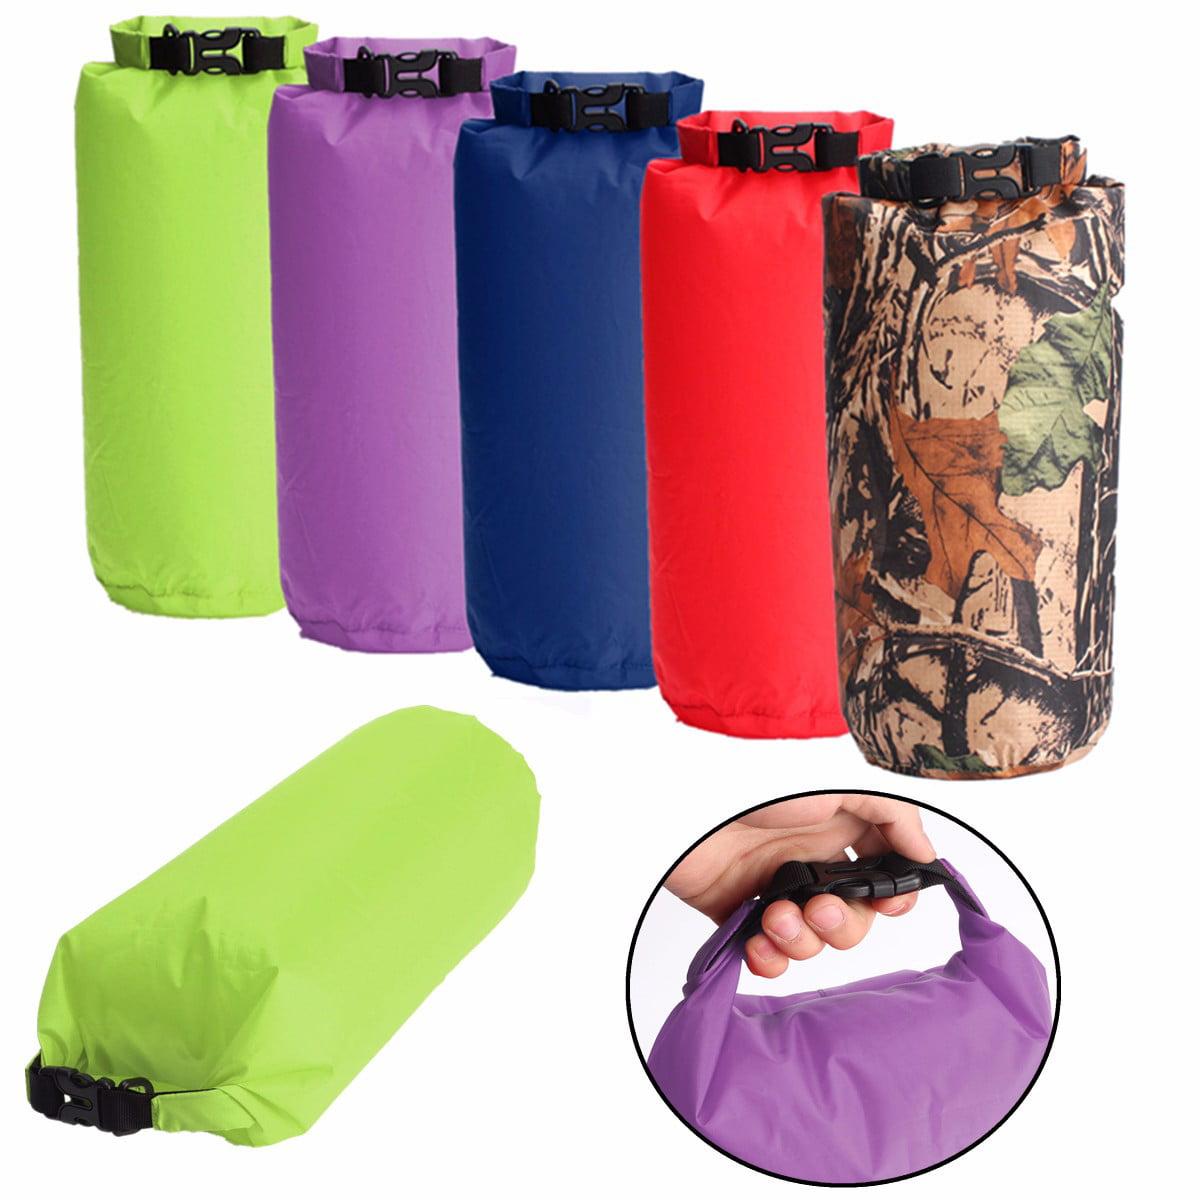 8L Waterproof Floating Dry Bag Dry Sack Water Resistant Waterproof Bag For Canoe Boating... by